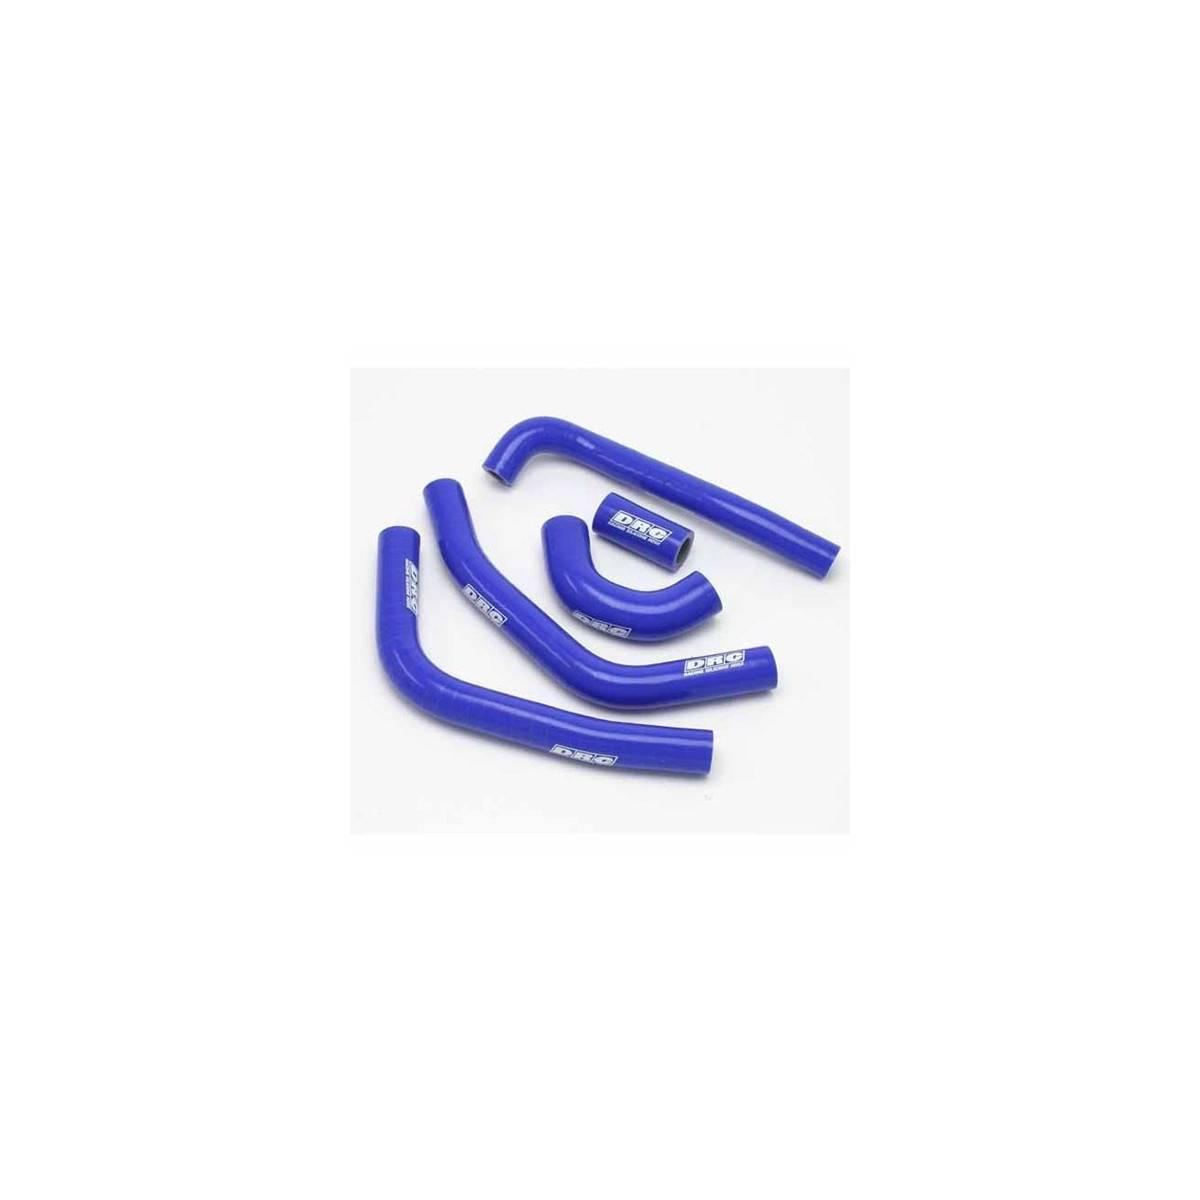 D47.01.712 - Kit Manguitos Radiador Yamaha Yz450Fx Wr450F ´16 Azul